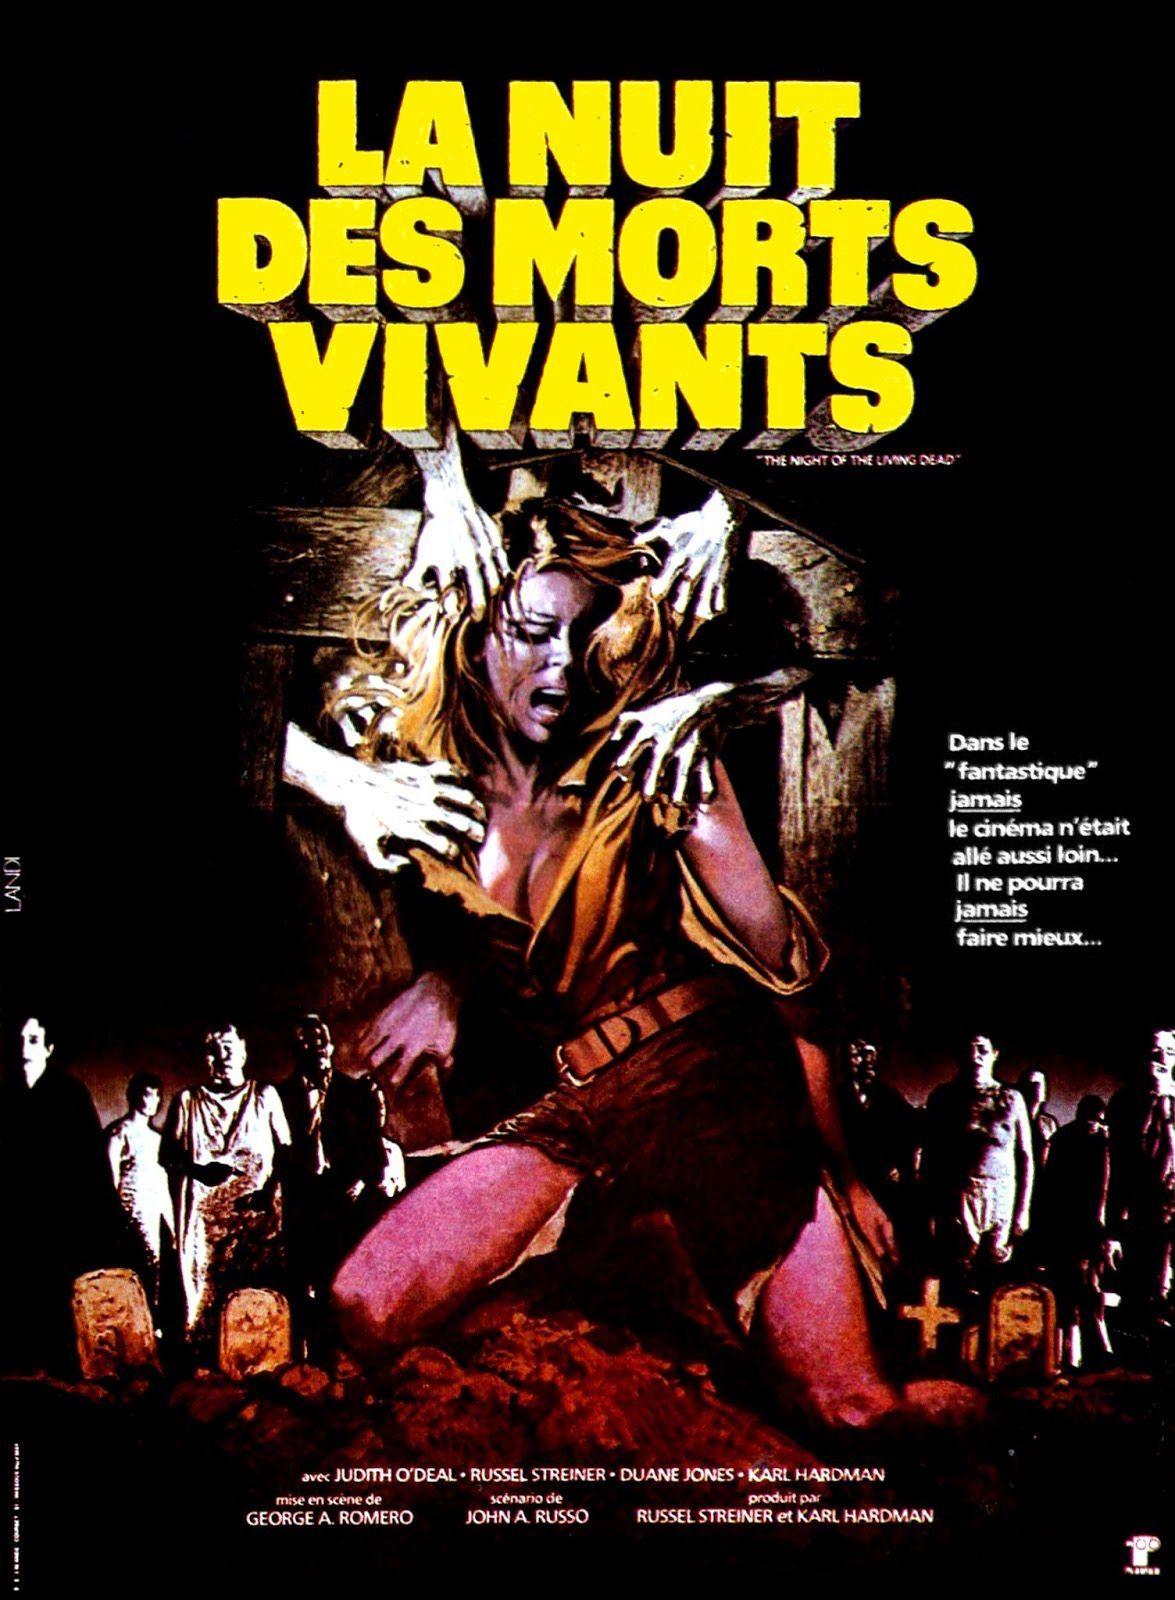 La Nuit des morts_vivants (1968) de George A. Romero